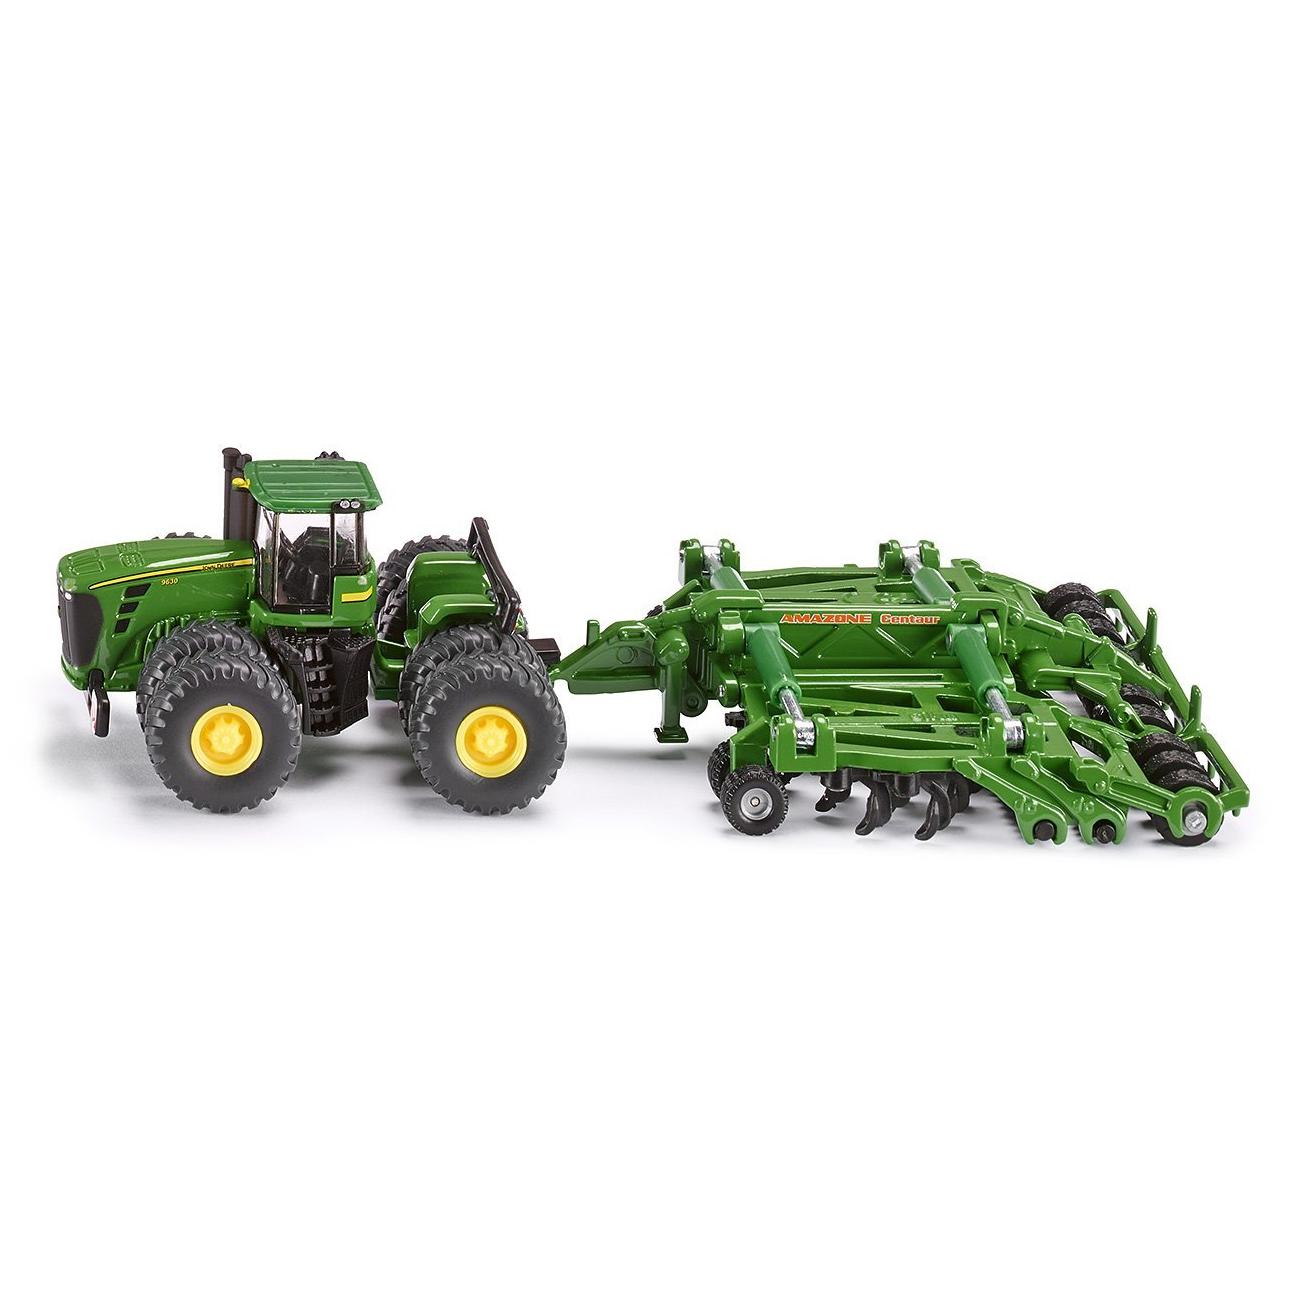 Купить Трактор c прицепом-плугом, масштаб 1:87, Siku